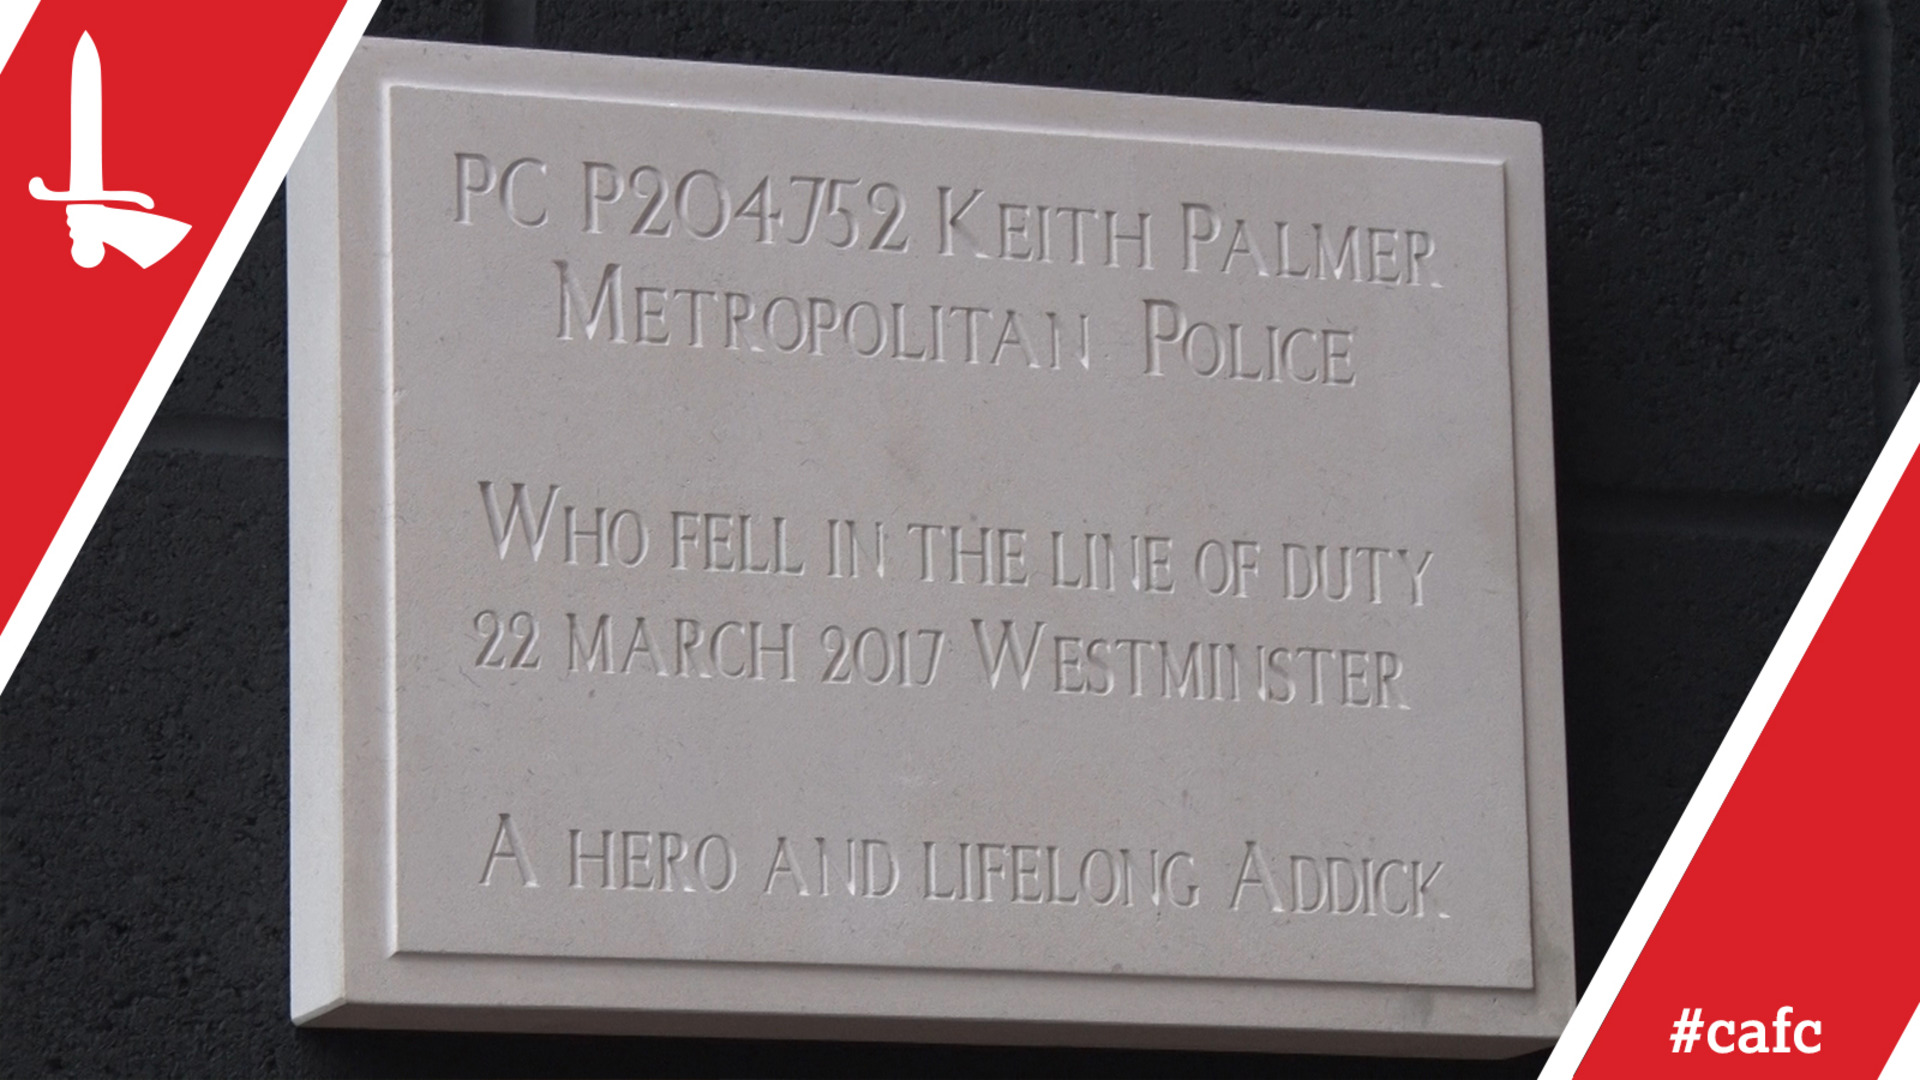 PC Keith Palmer memorial plaque unveiling